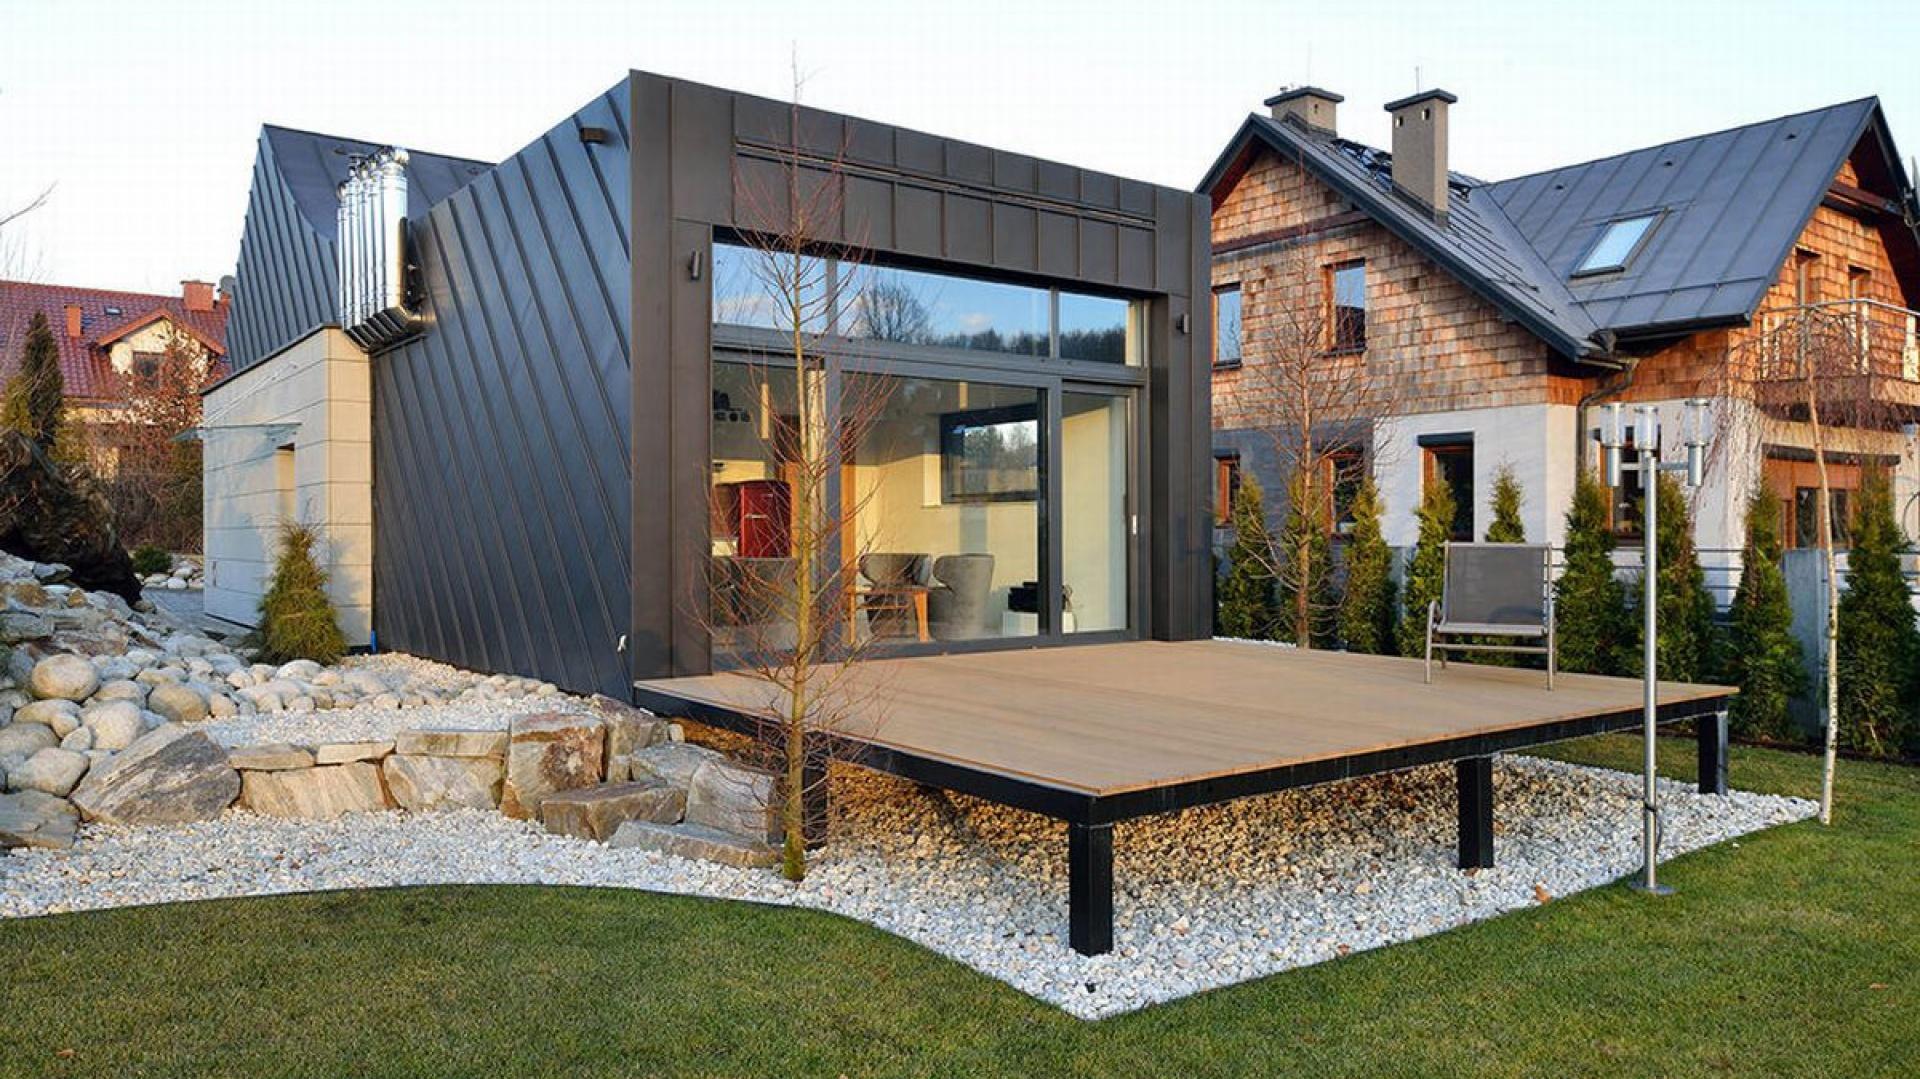 dom-jednoosobowy-zobacz-jak-wygodnie-1